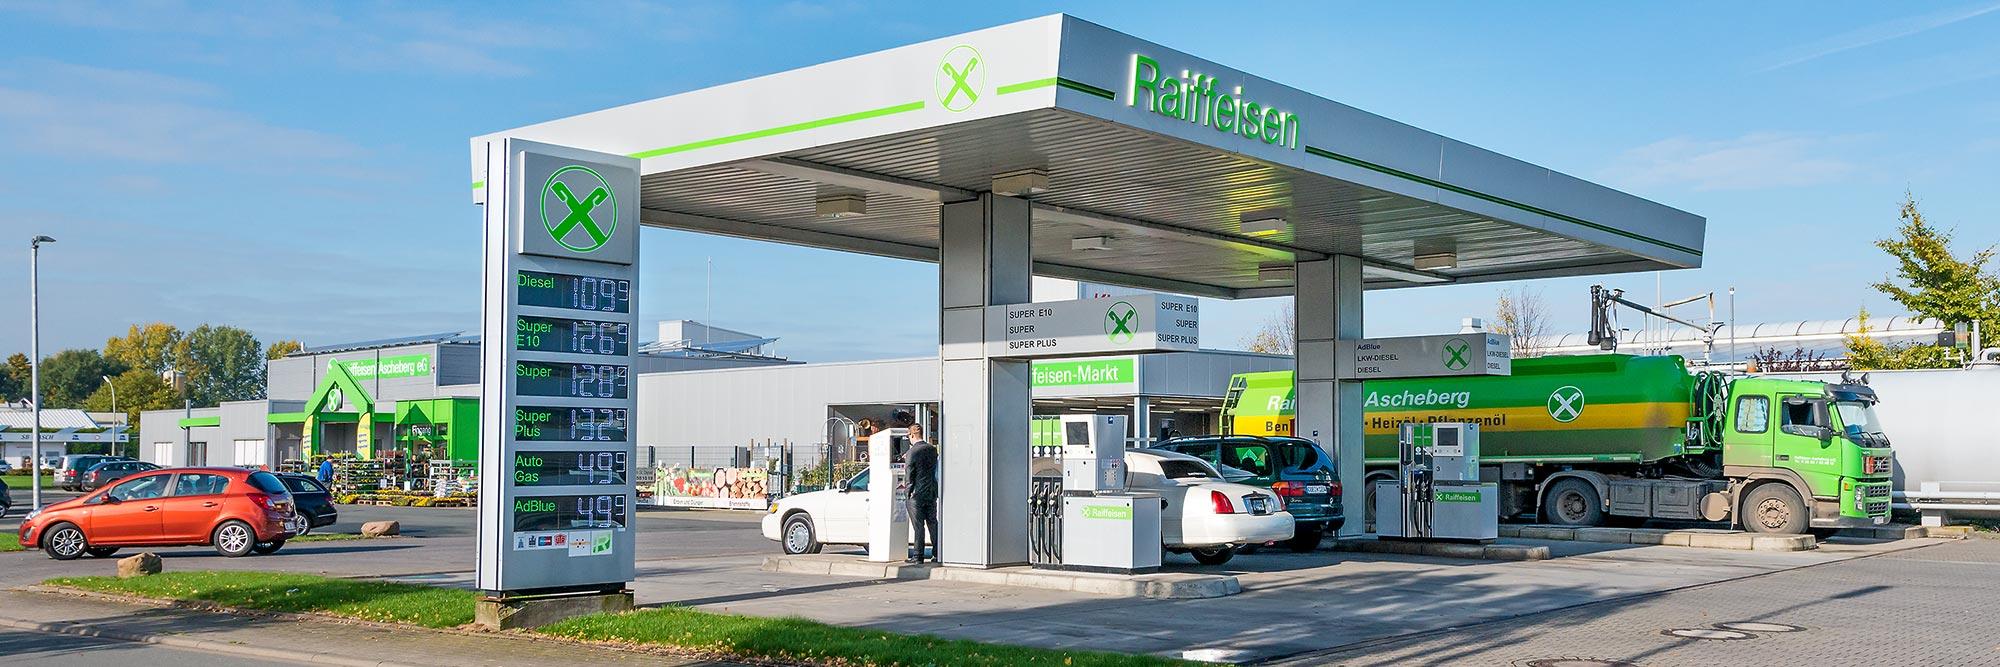 Raiffeisen Ascheberg Tankstelle